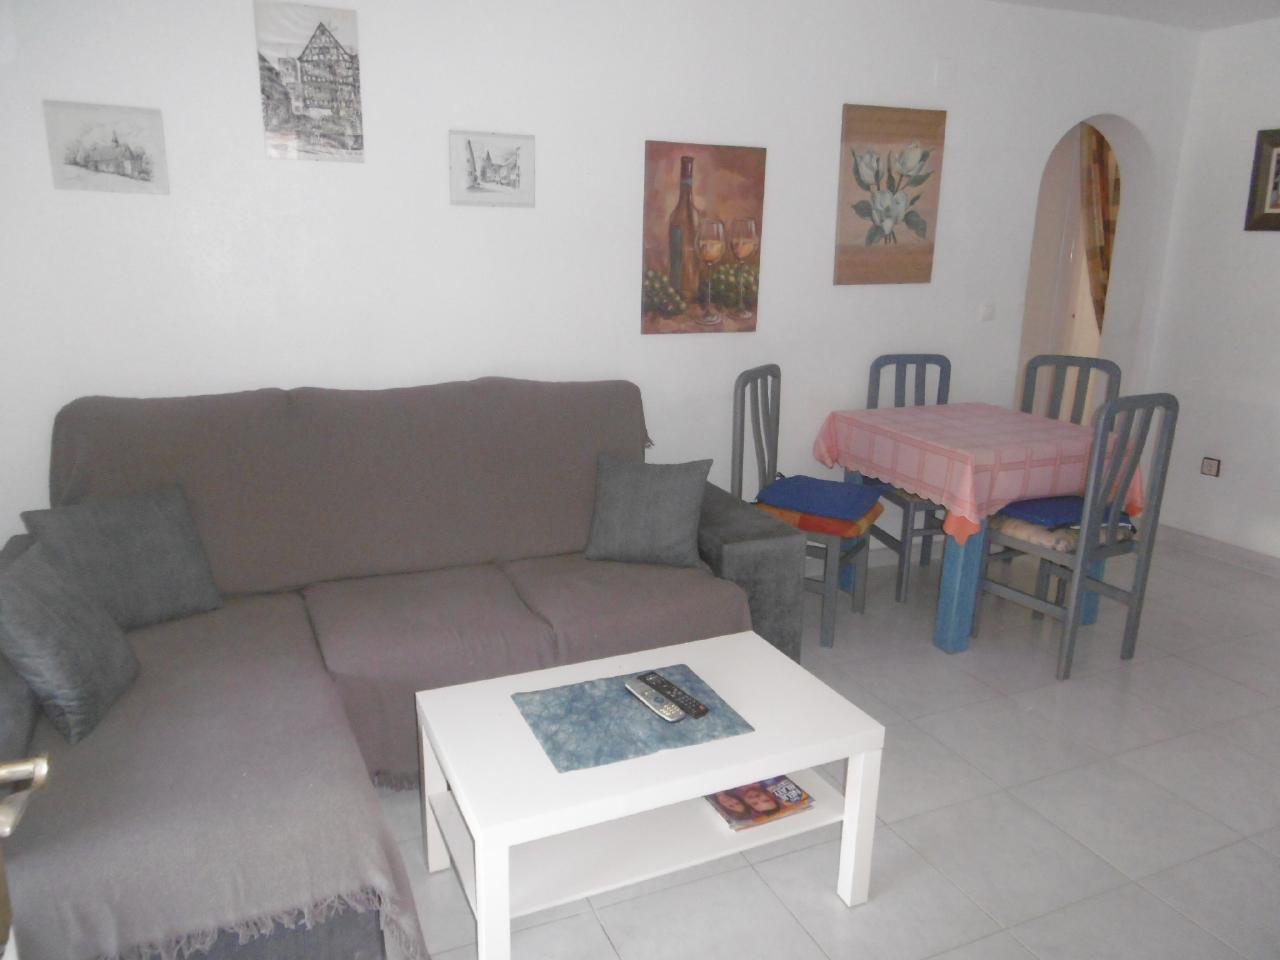 Ferienwohnung 4 Personen 62qm Costa Blanca (118835), Orihuela-Costa, Costa Blanca, Valencia, Spanien, Bild 8